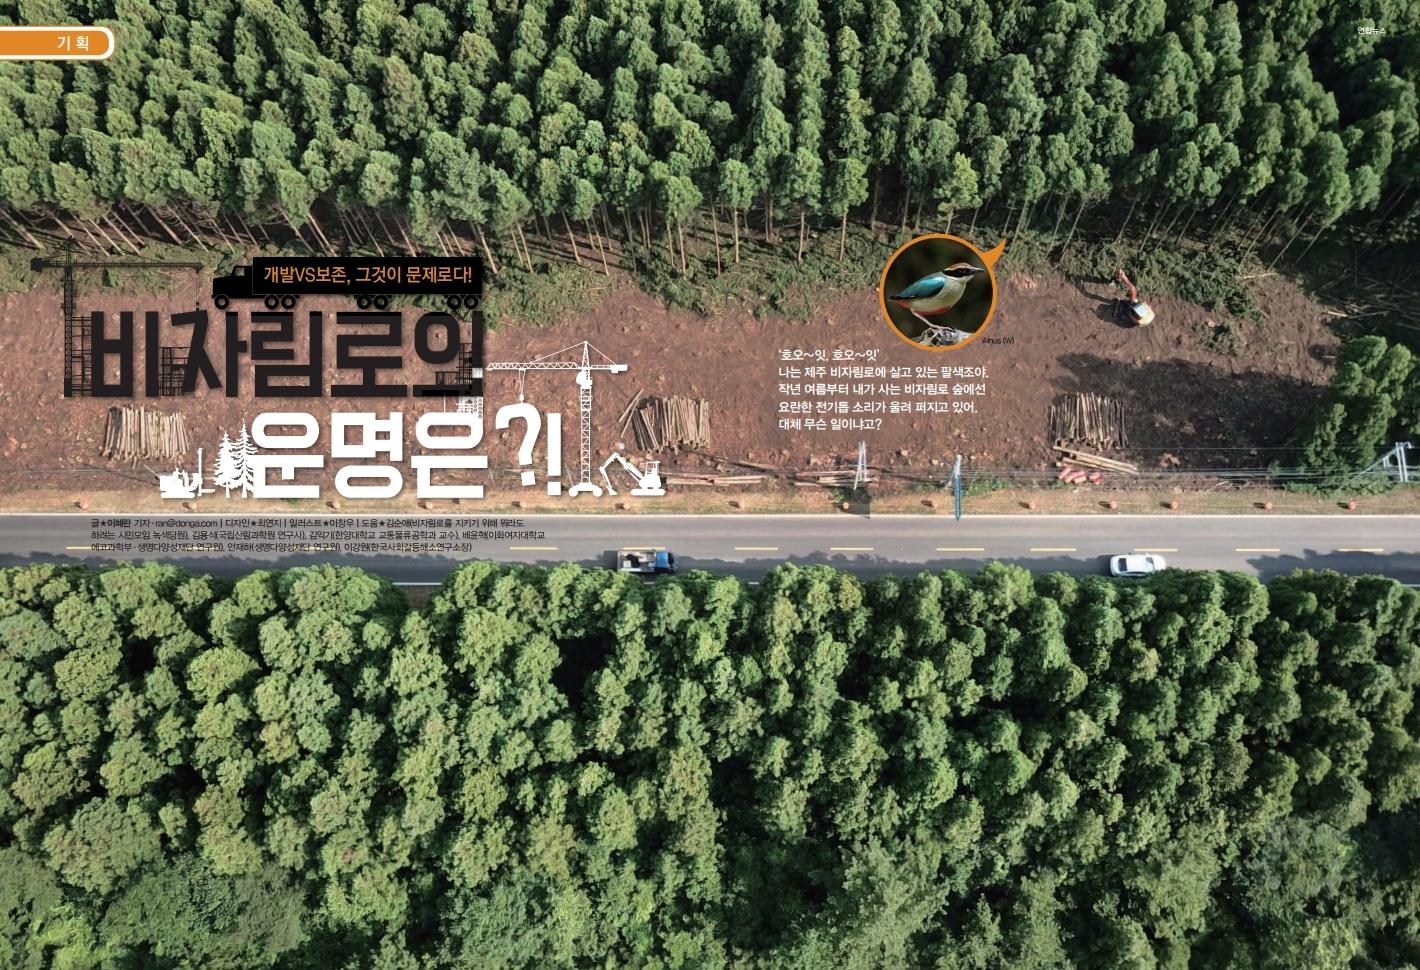 개발VS보존, 비자림로의 운명은?!